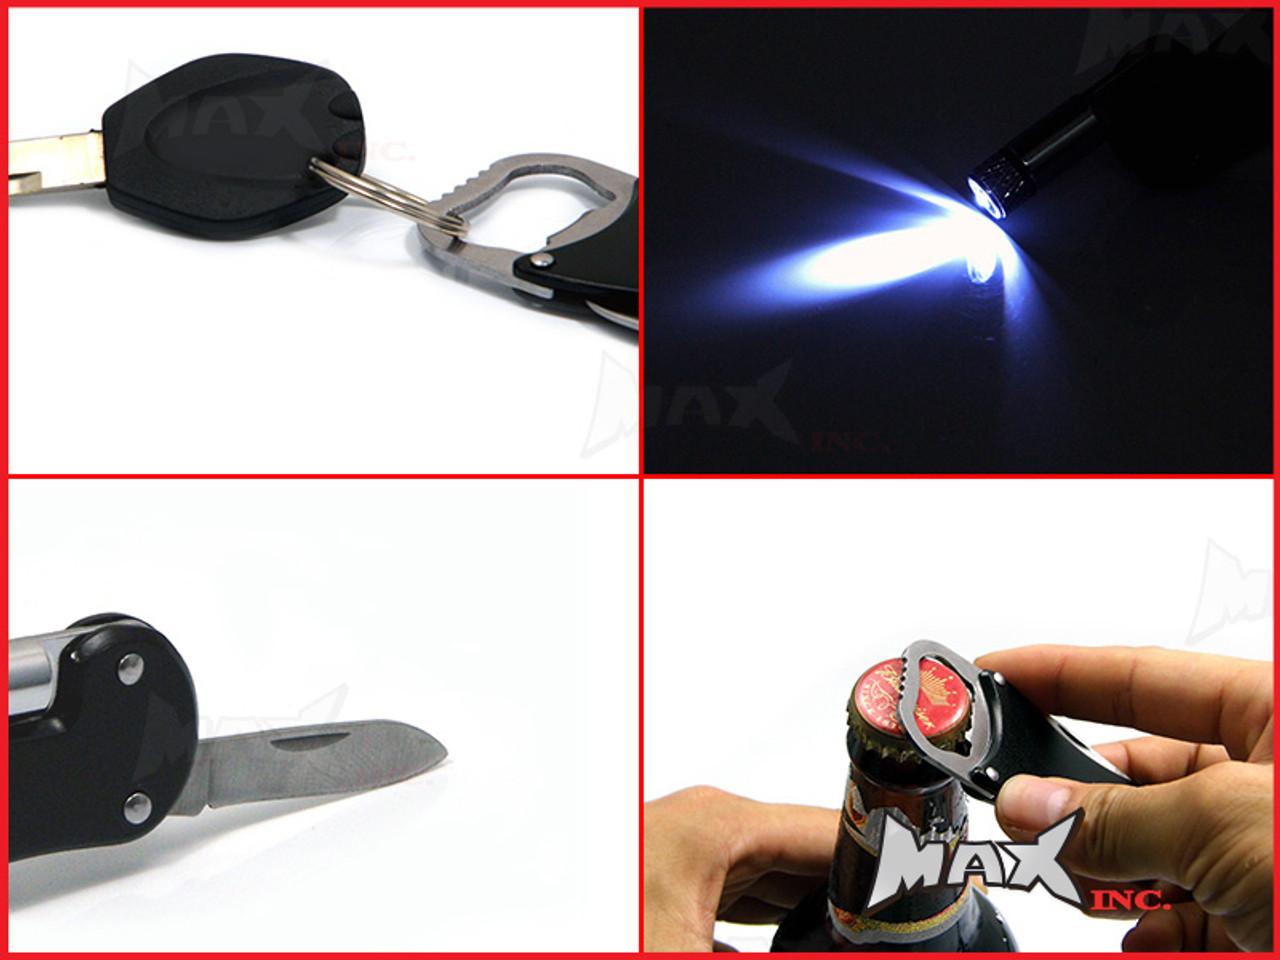 AUDI - Lasered Logo Keyring / Pocket Knife / LED Torch / Bottle Opener